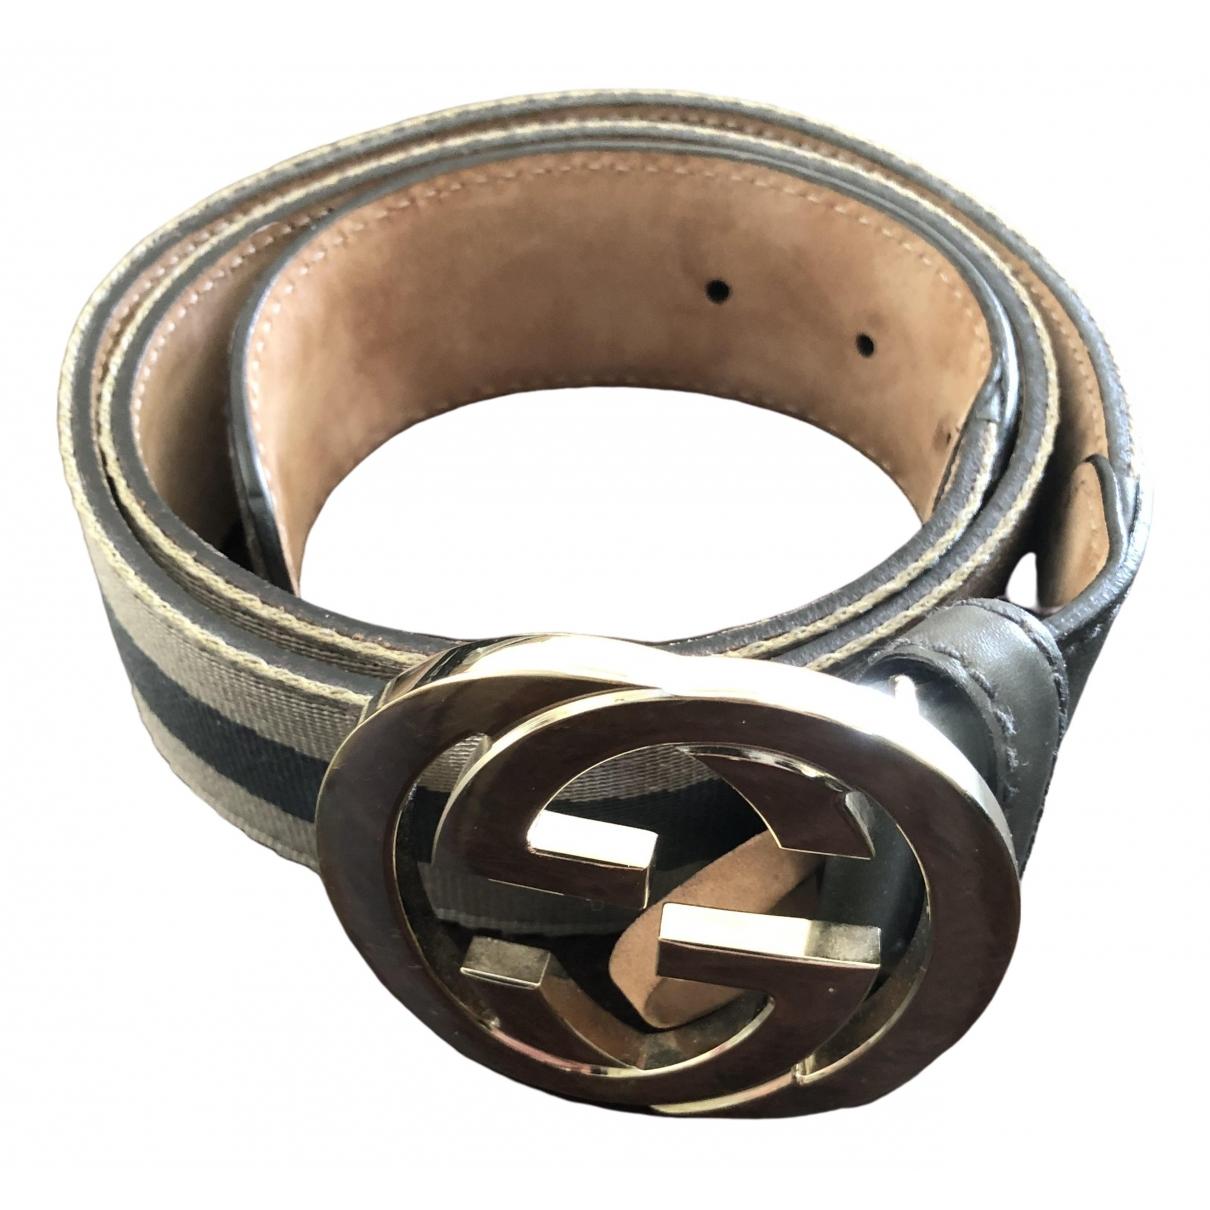 Gucci Interlocking Buckle Grey Cloth belt for Women 85 cm